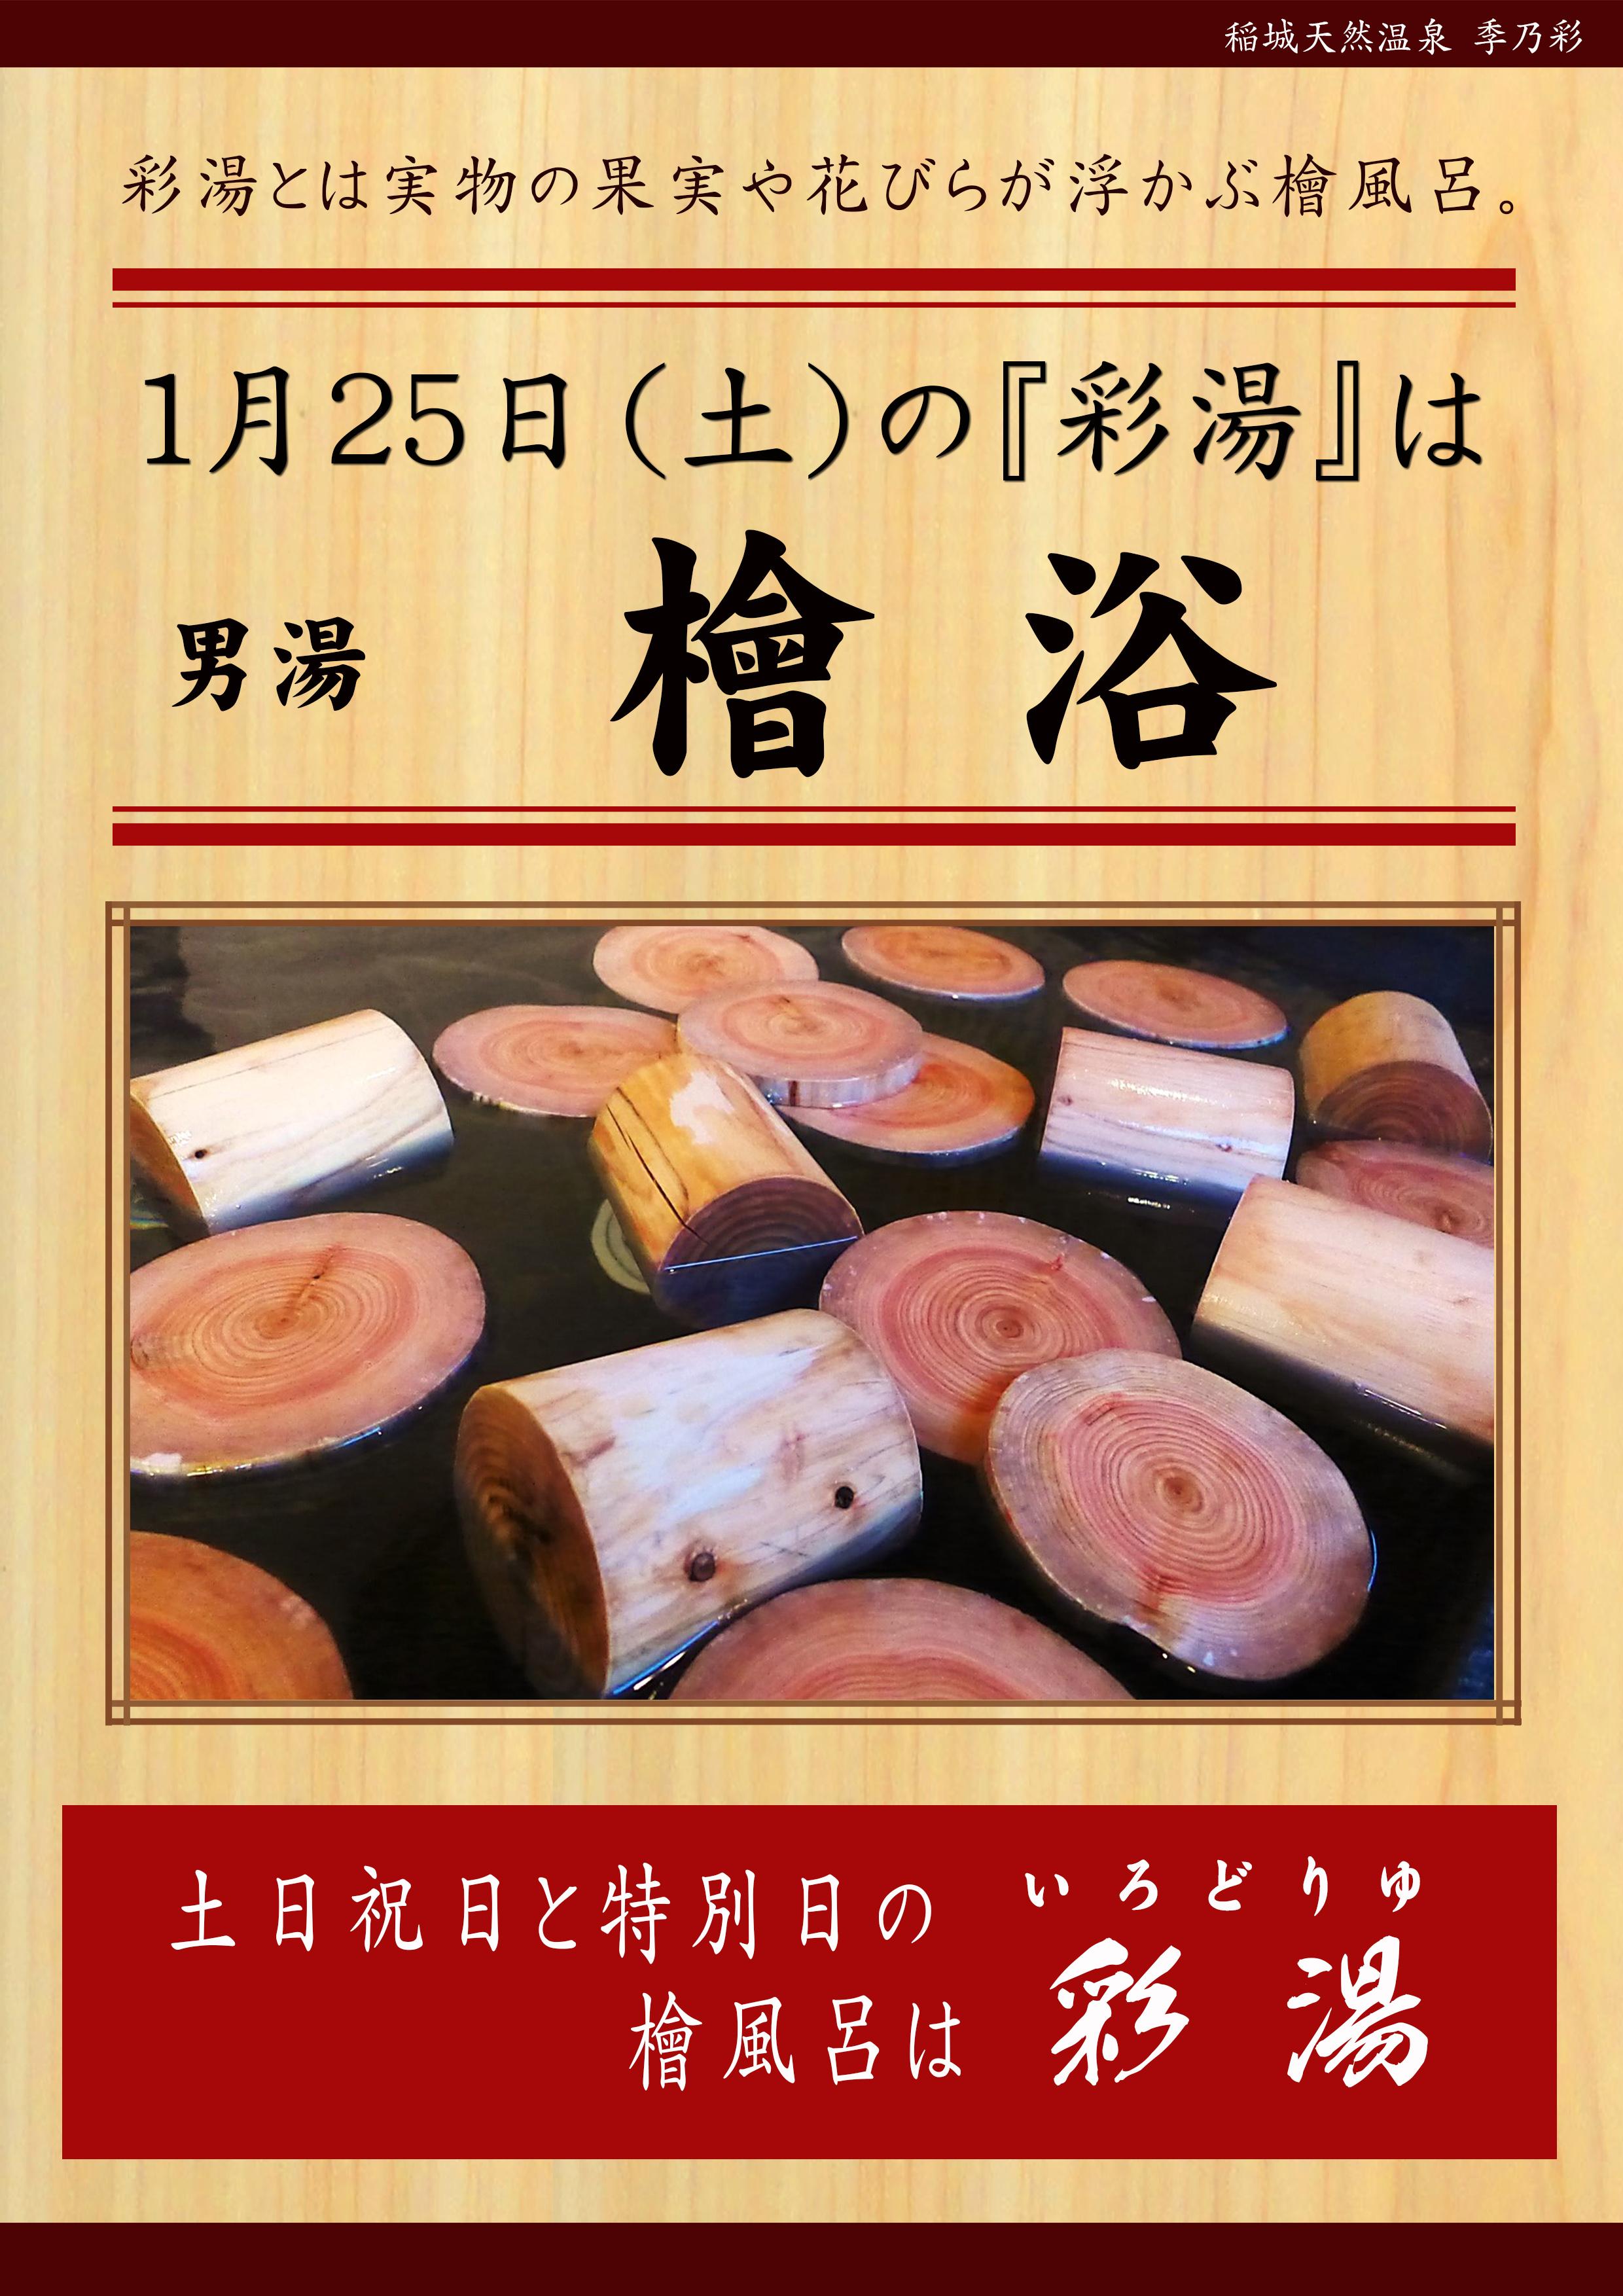 20200125 POP イベント 彩湯 男 檜浴